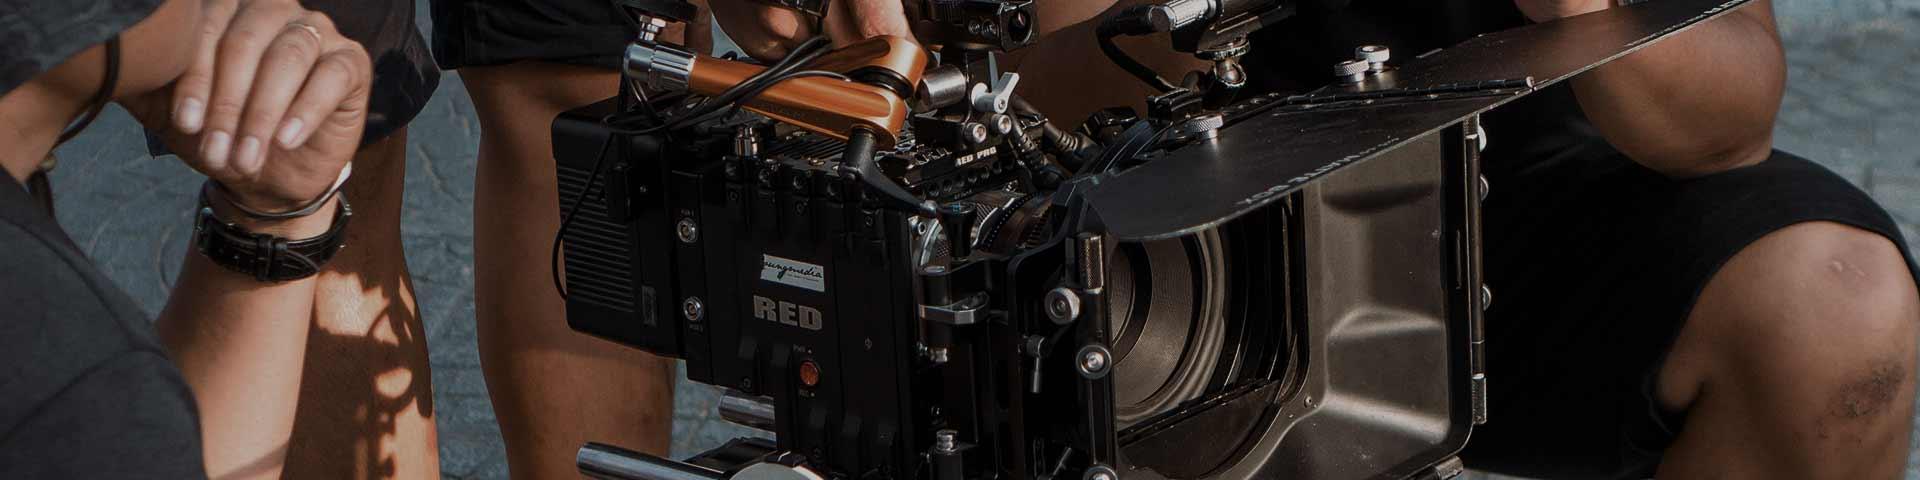 Escuela de Cinematografia Digital en linea